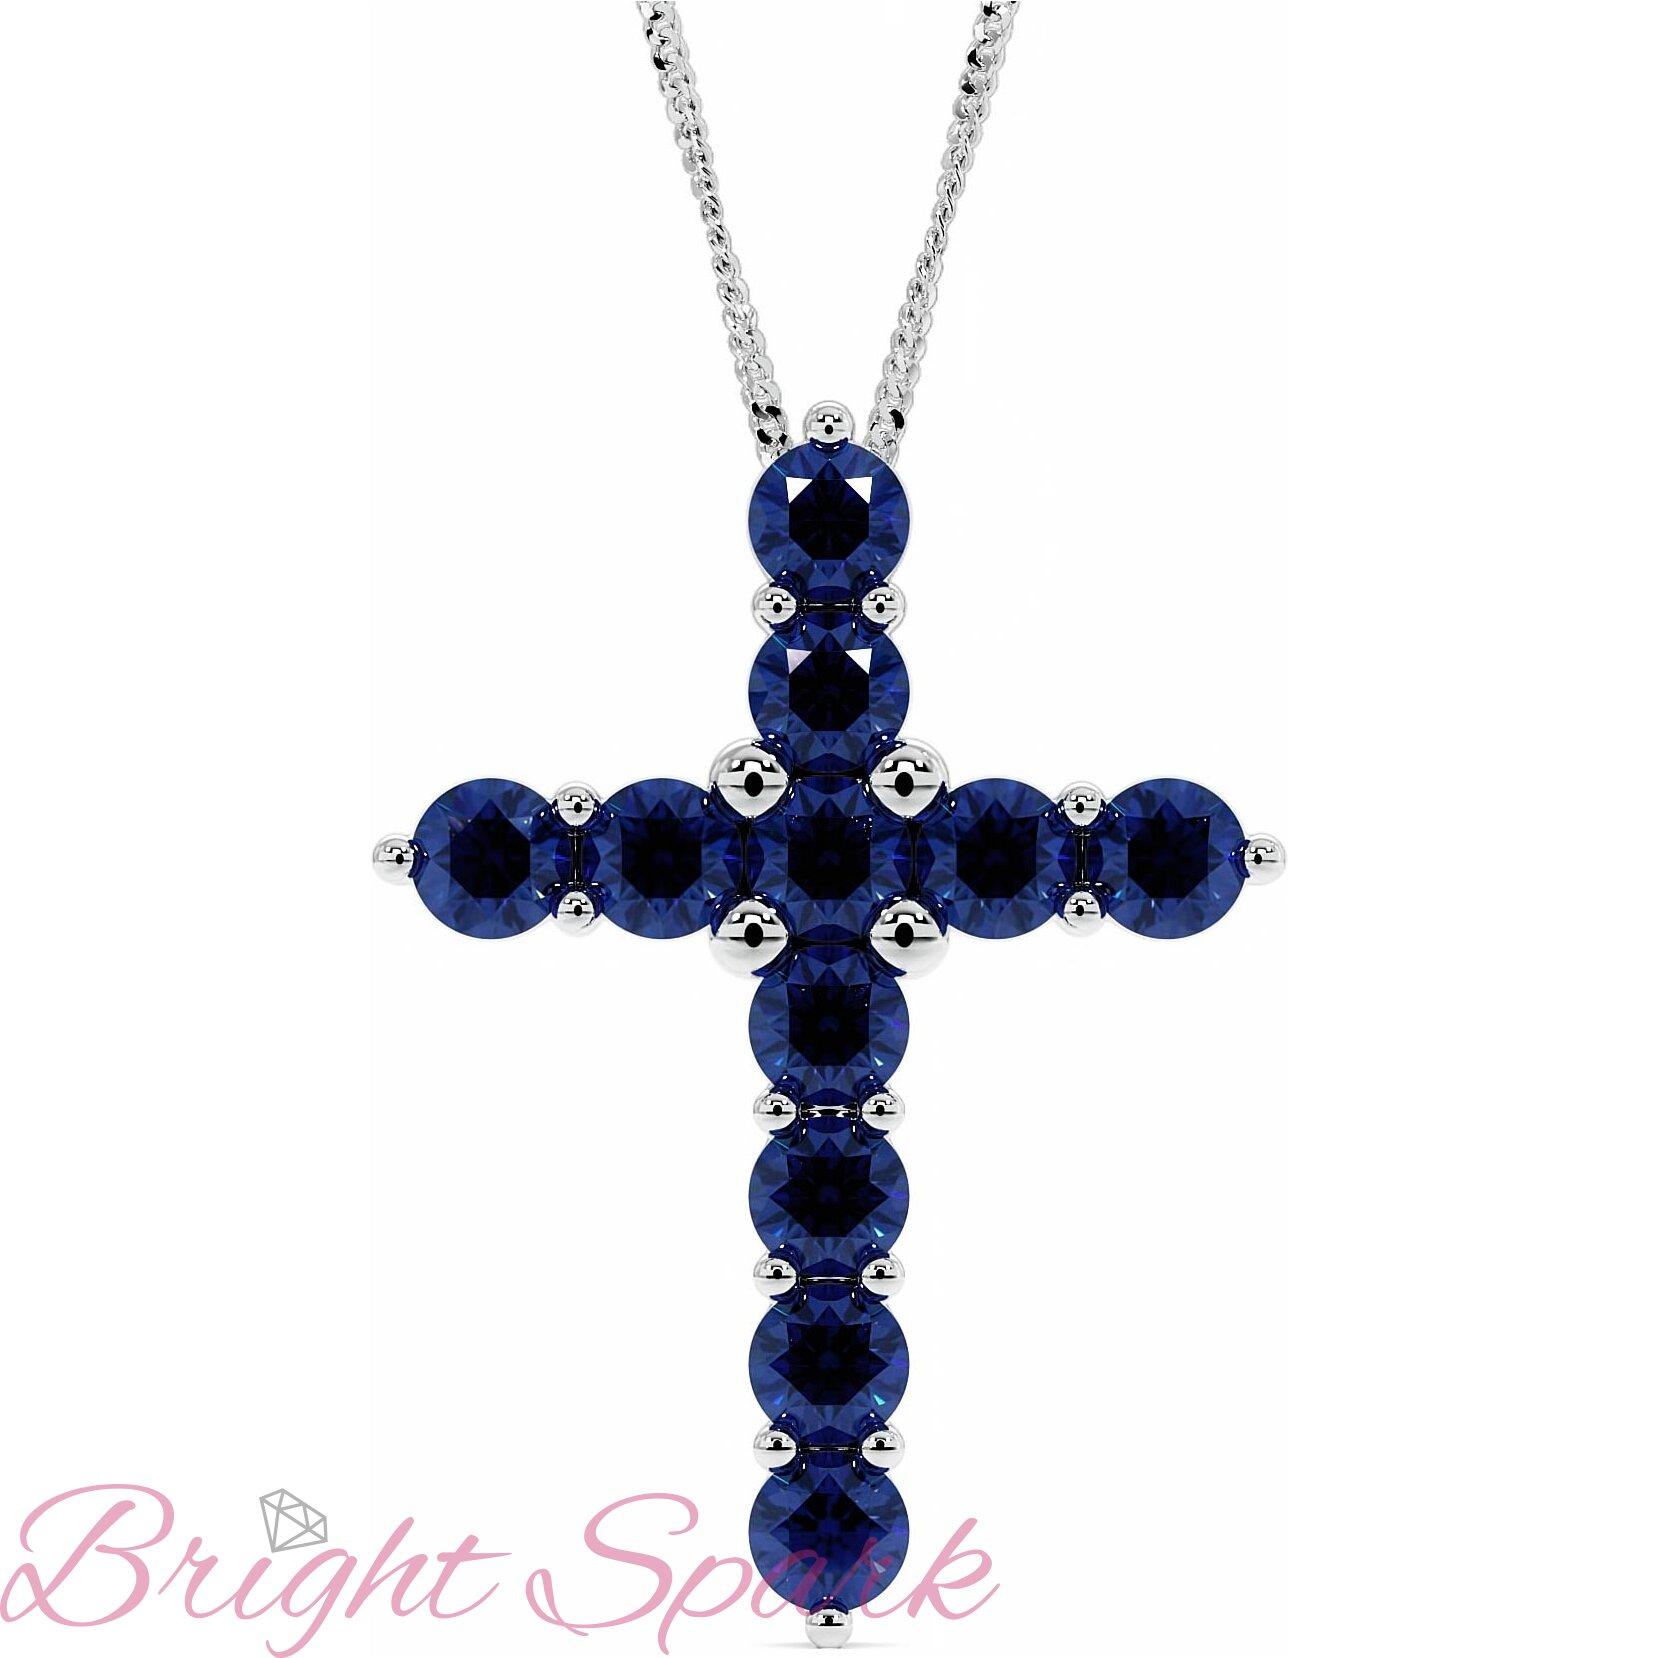 Золотой крестик в стиле Тиффани с синими сапфирами Crest 3,3 карата